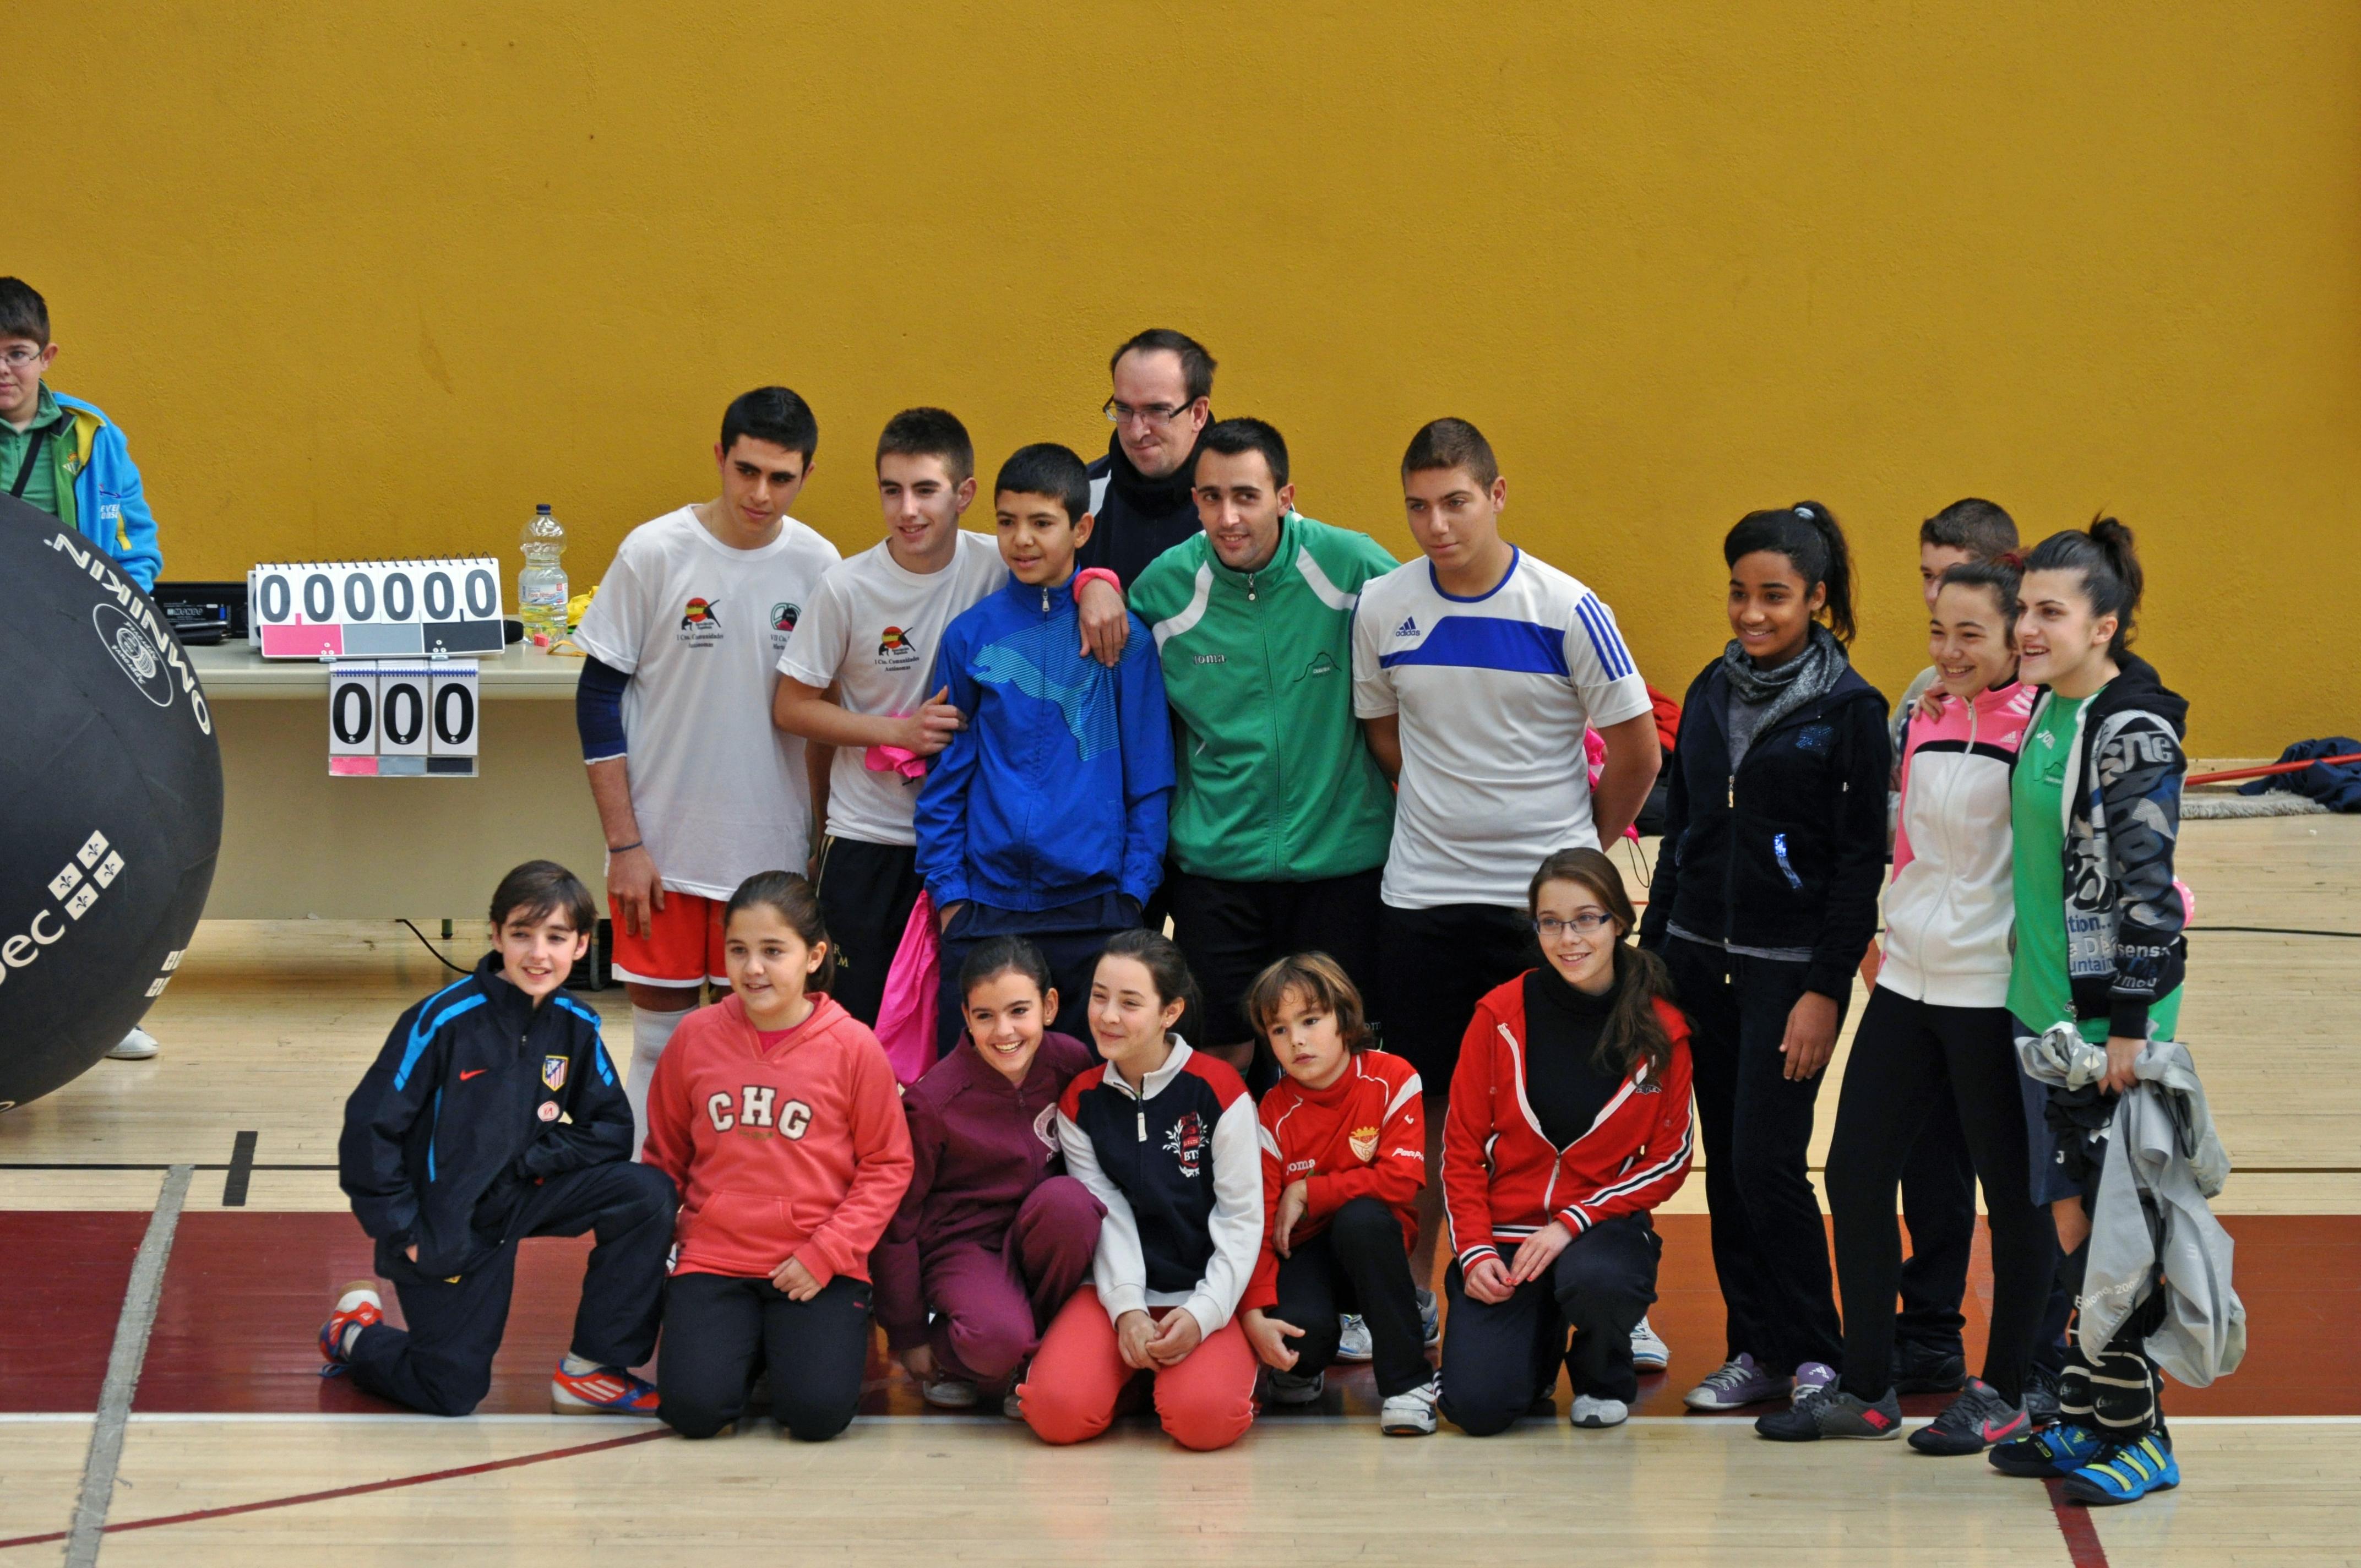 16-12-2012 186_editado-1